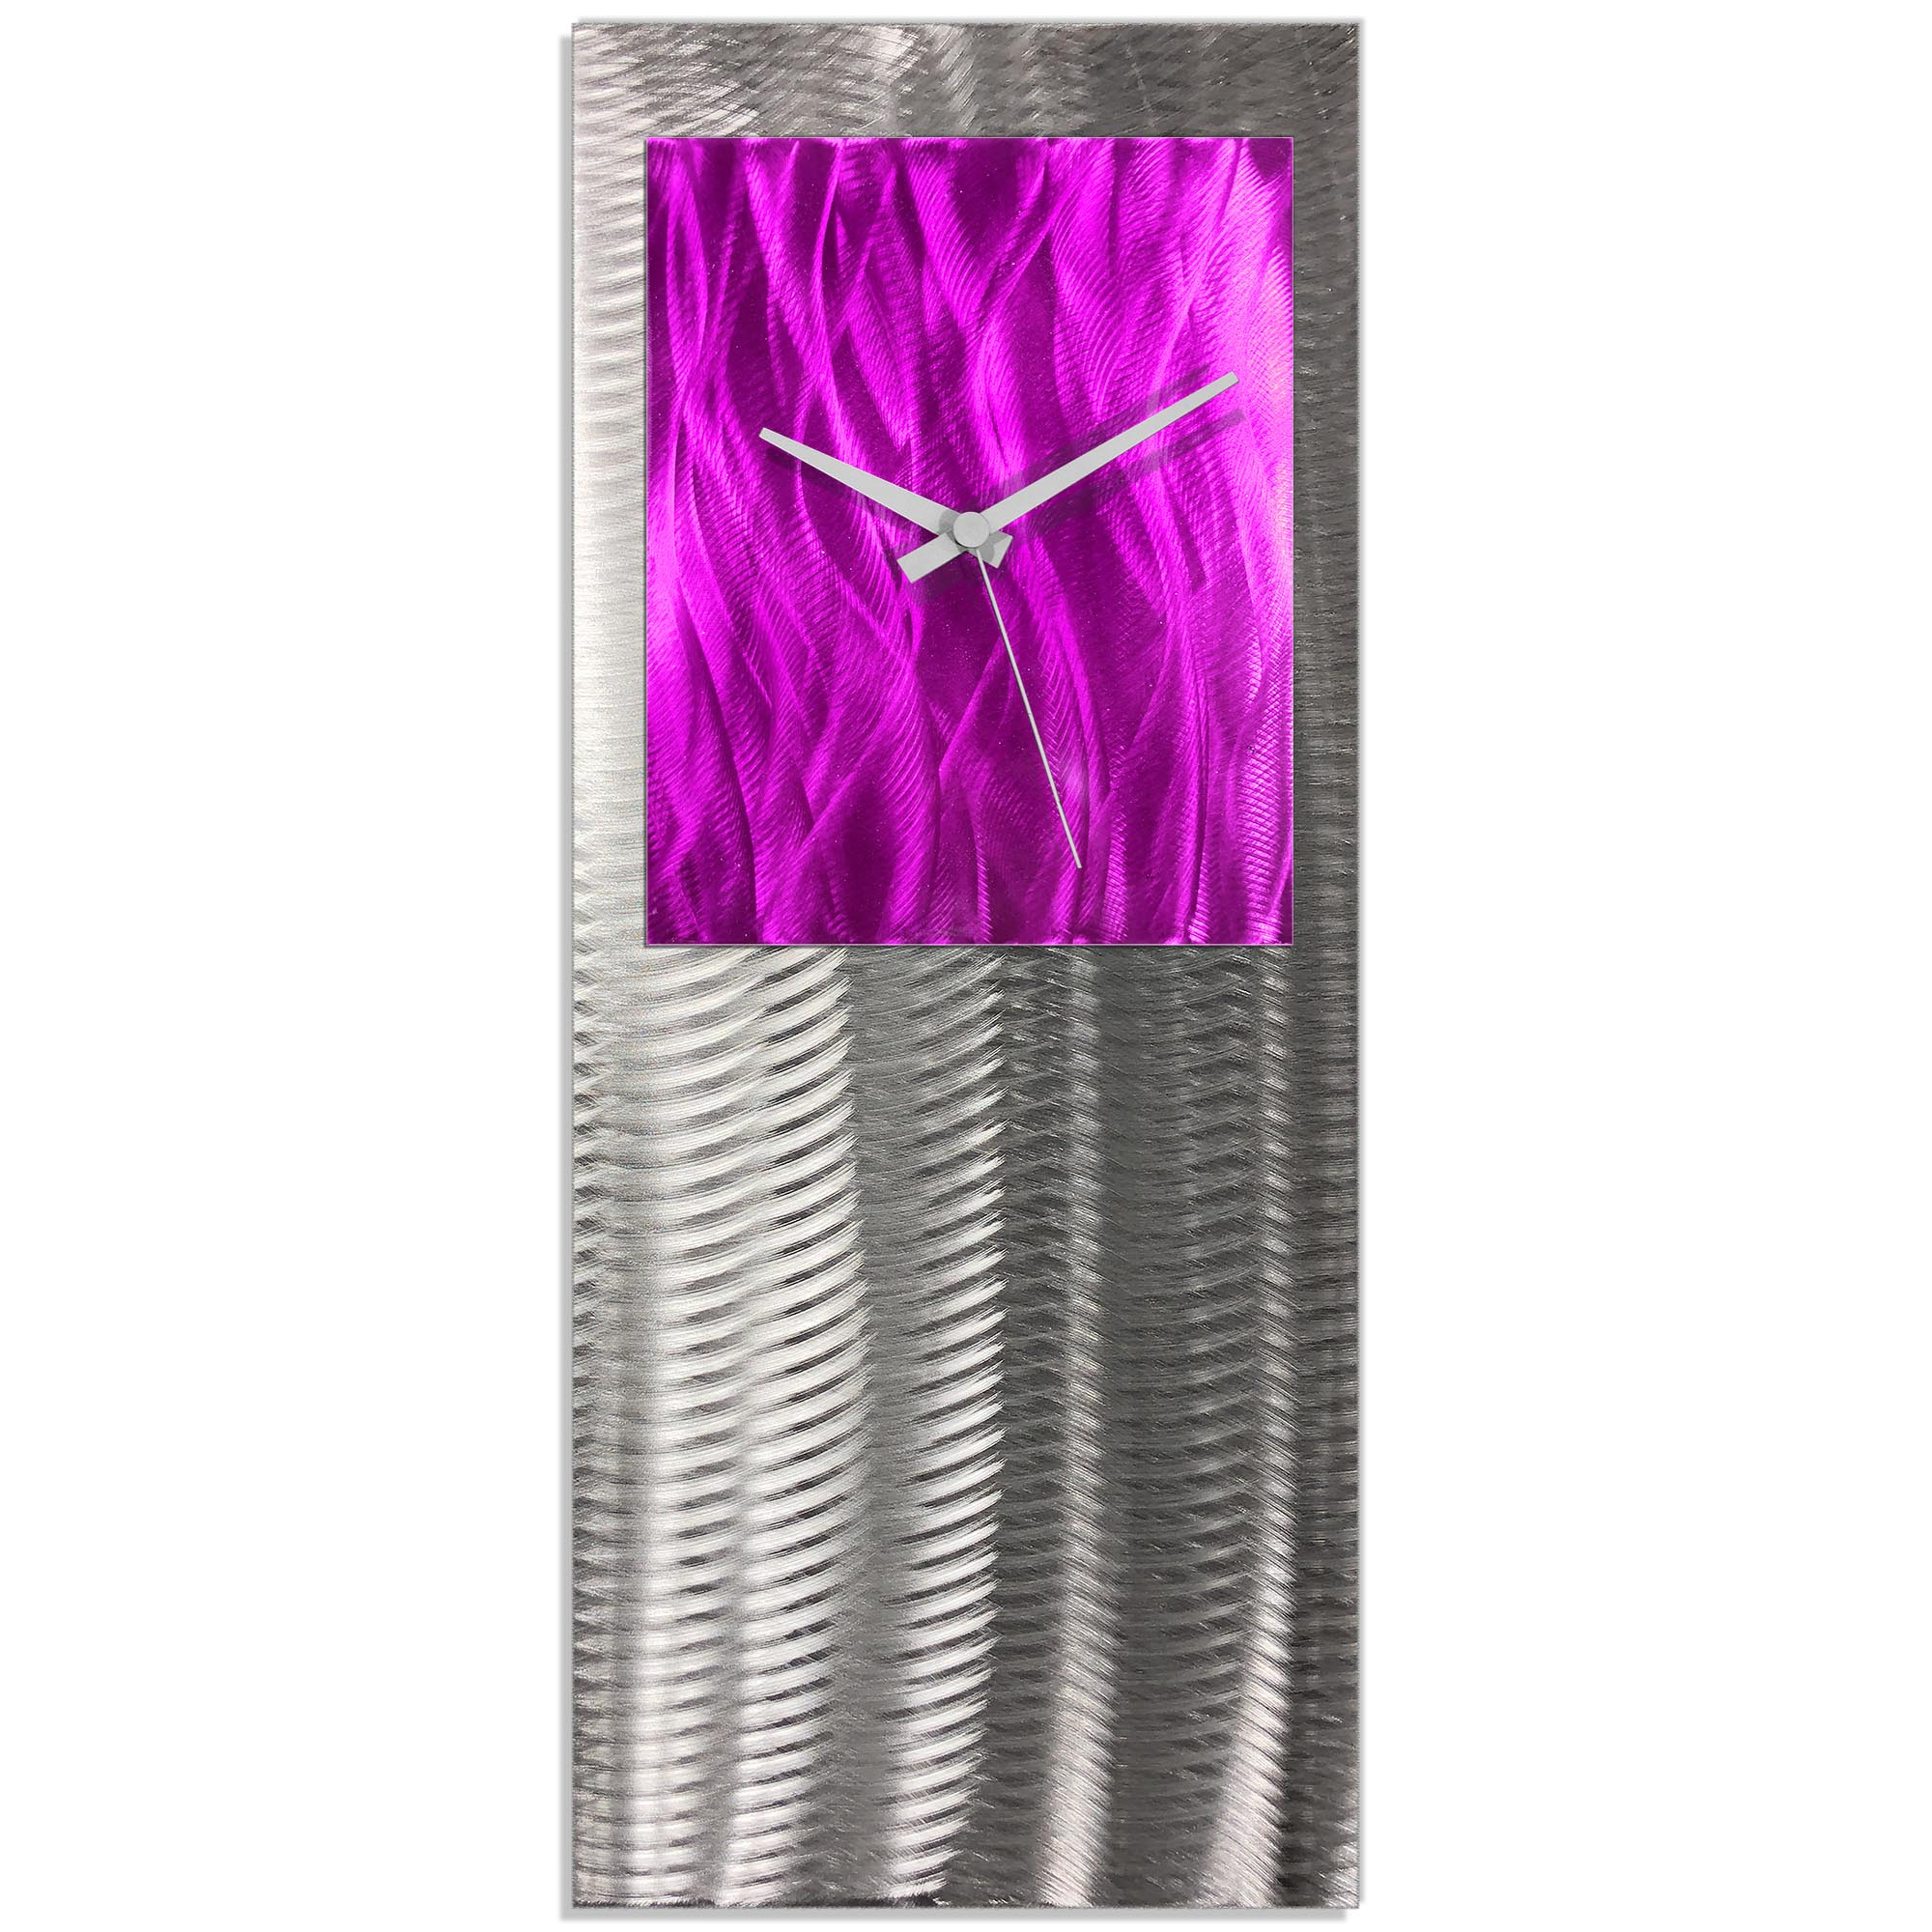 Metal Art Studio Abstract Decor Pink Studio Clock 10in x 24in